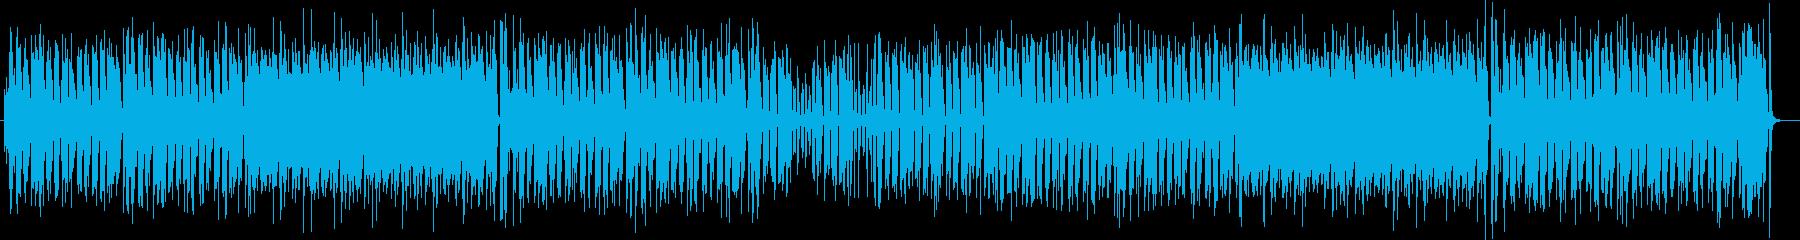 軽快で爽やかな木琴ミディアムポップスの再生済みの波形